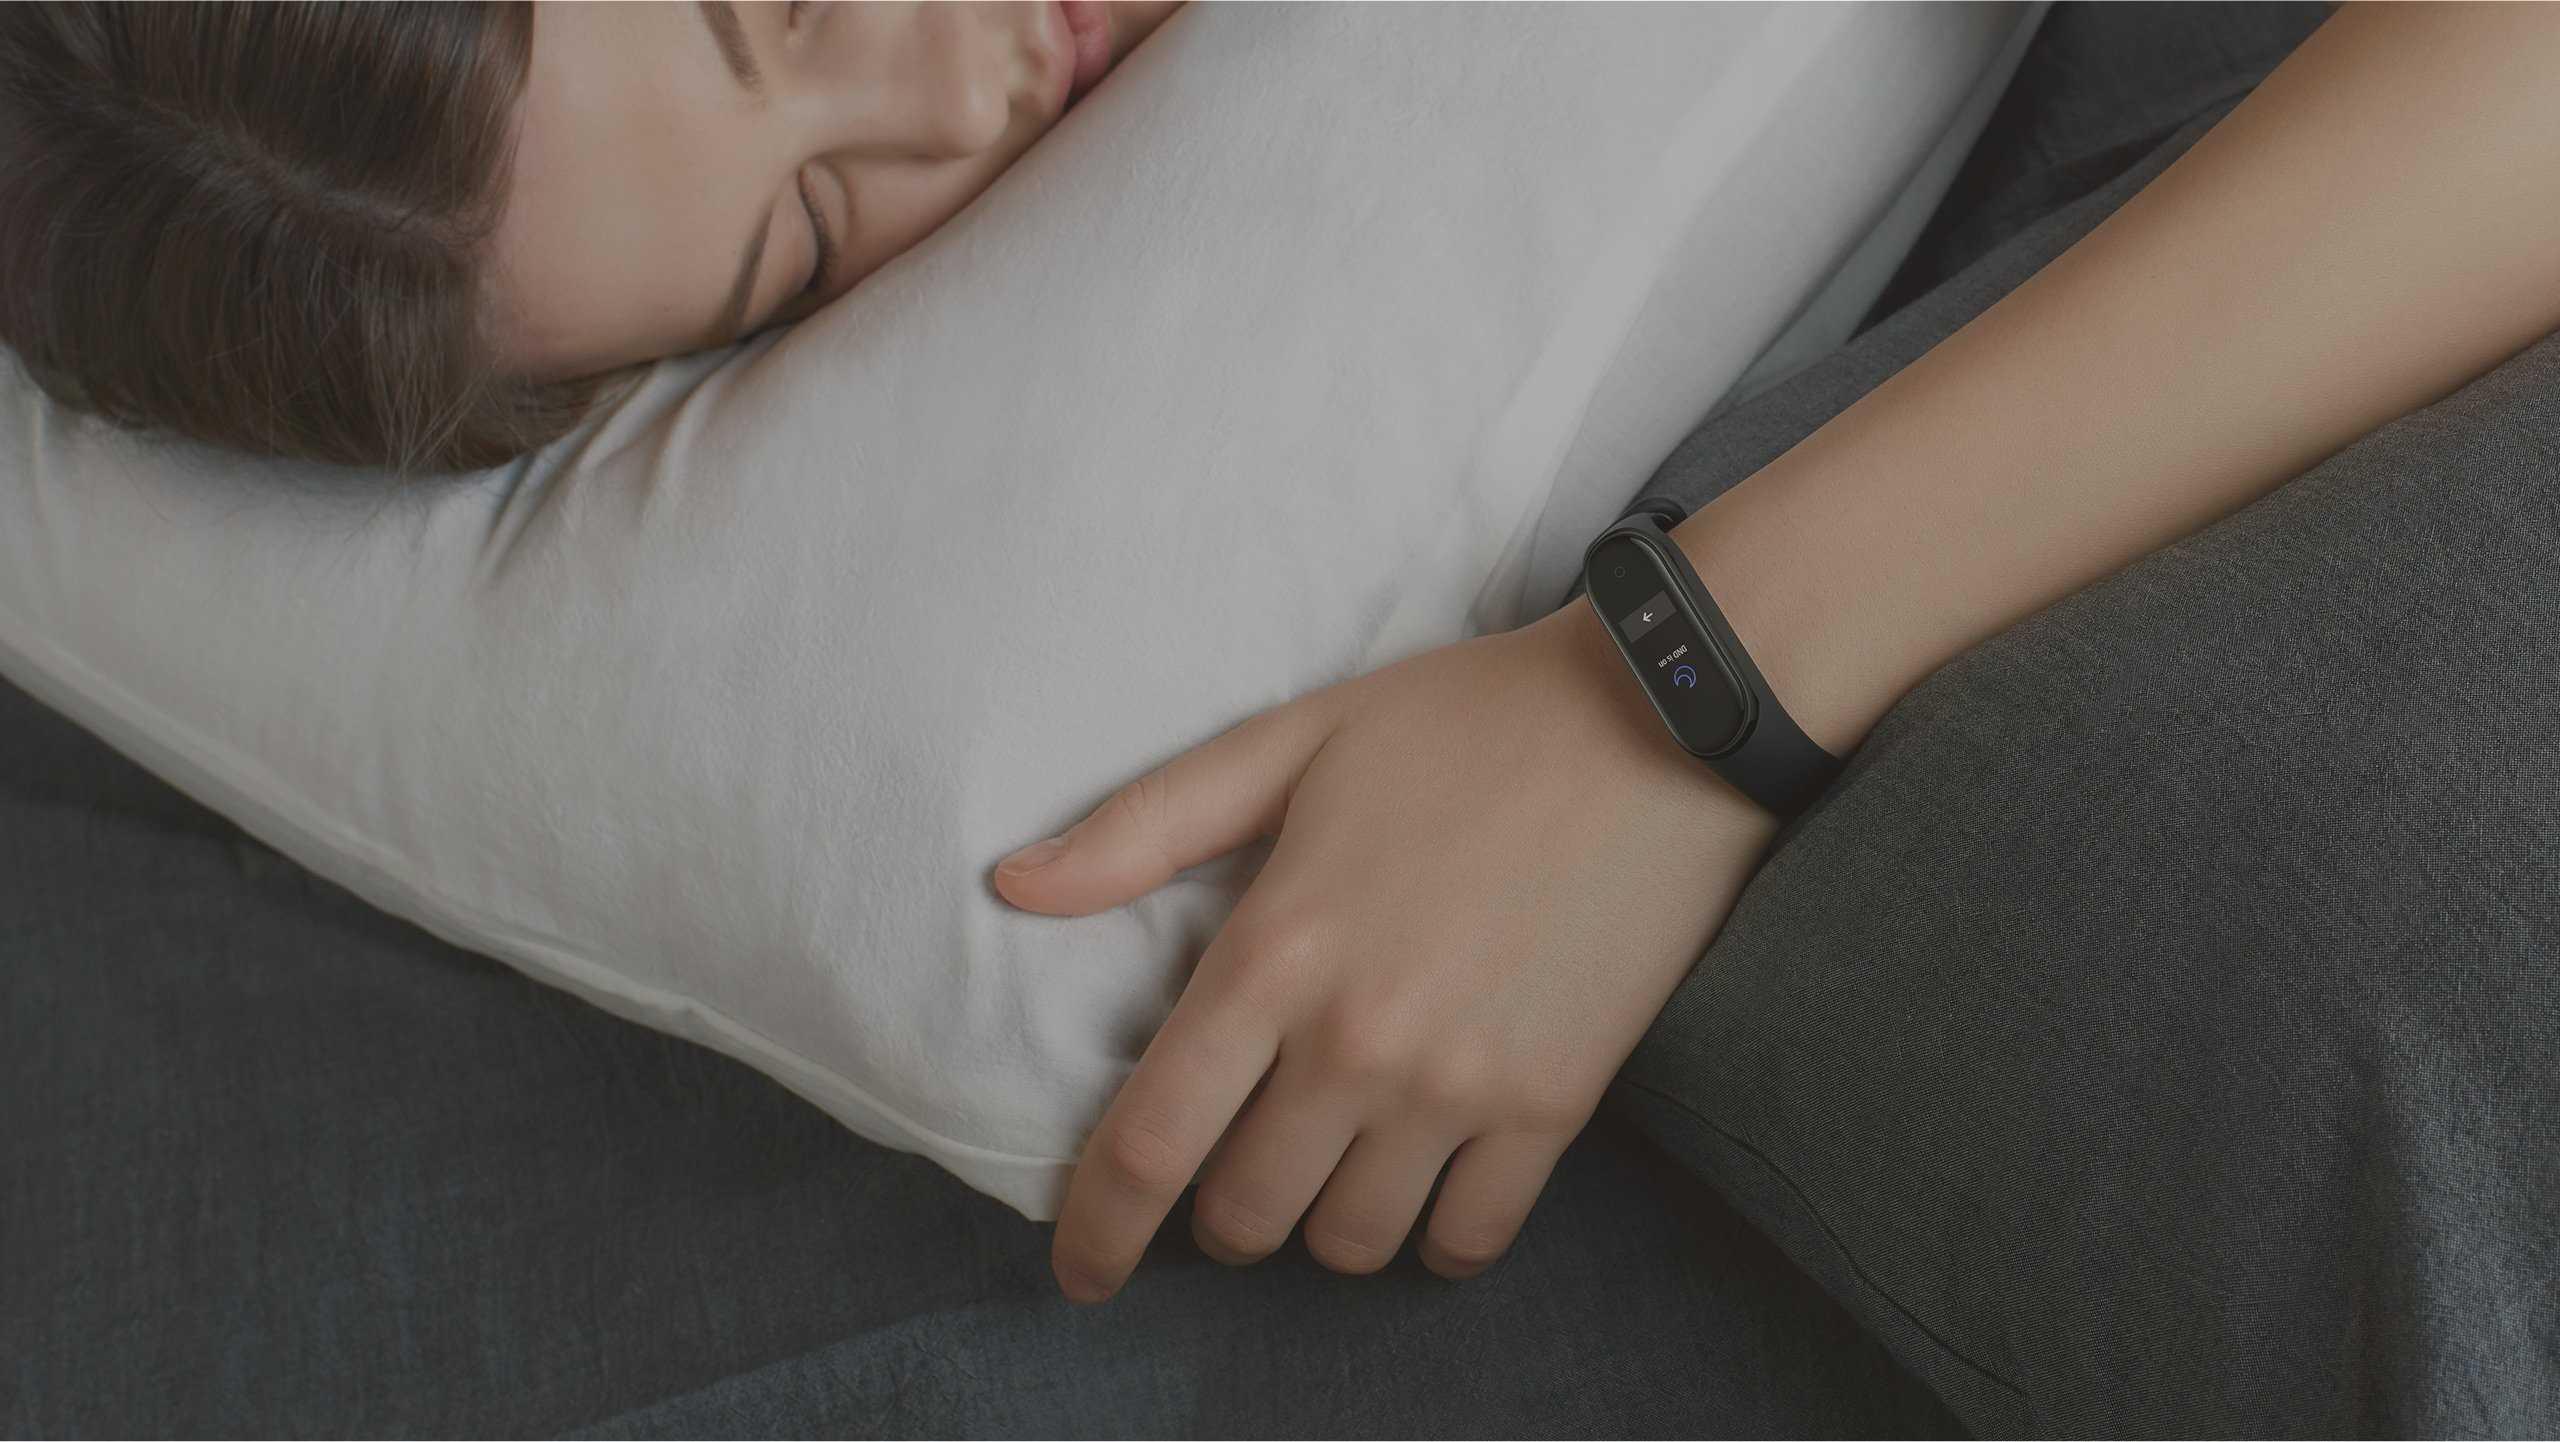 مراقبة النوم  يتتبع بدقة الضوء والنوم العميق وكذلك معدل ضربات القلب أثناء النوم لمساعدتك في ضبط أنماط نومك.